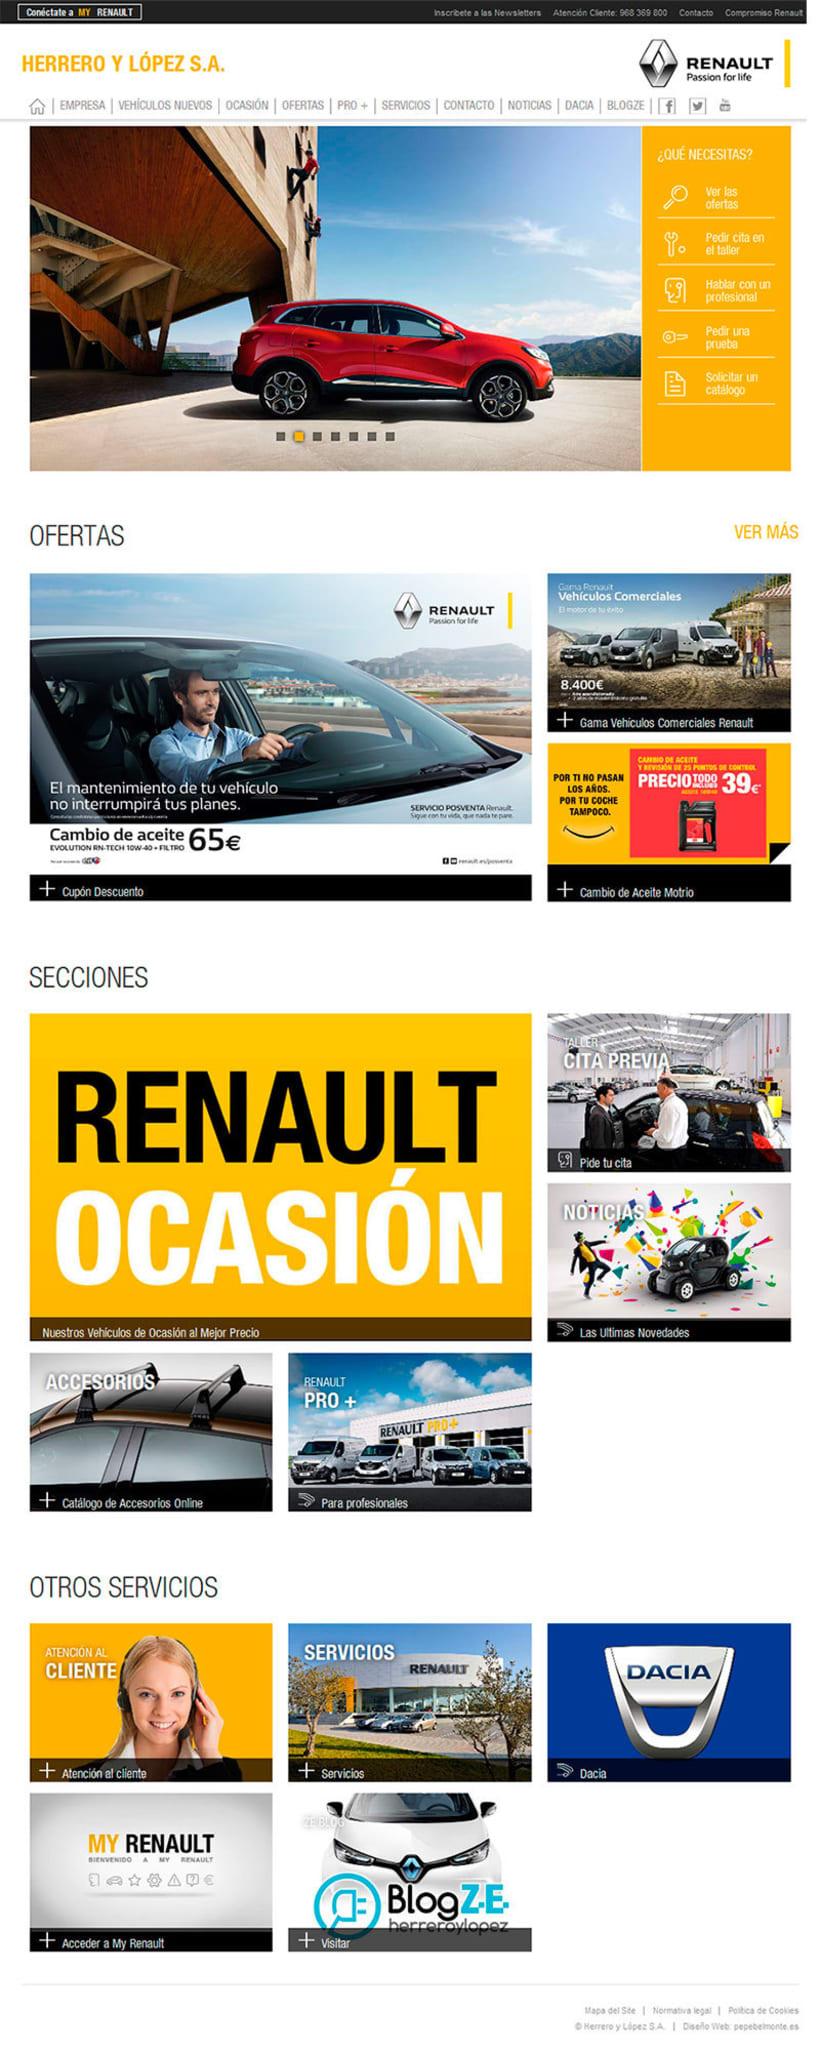 Actualización Web Herrero y López S.A. - Renault Murcia 0